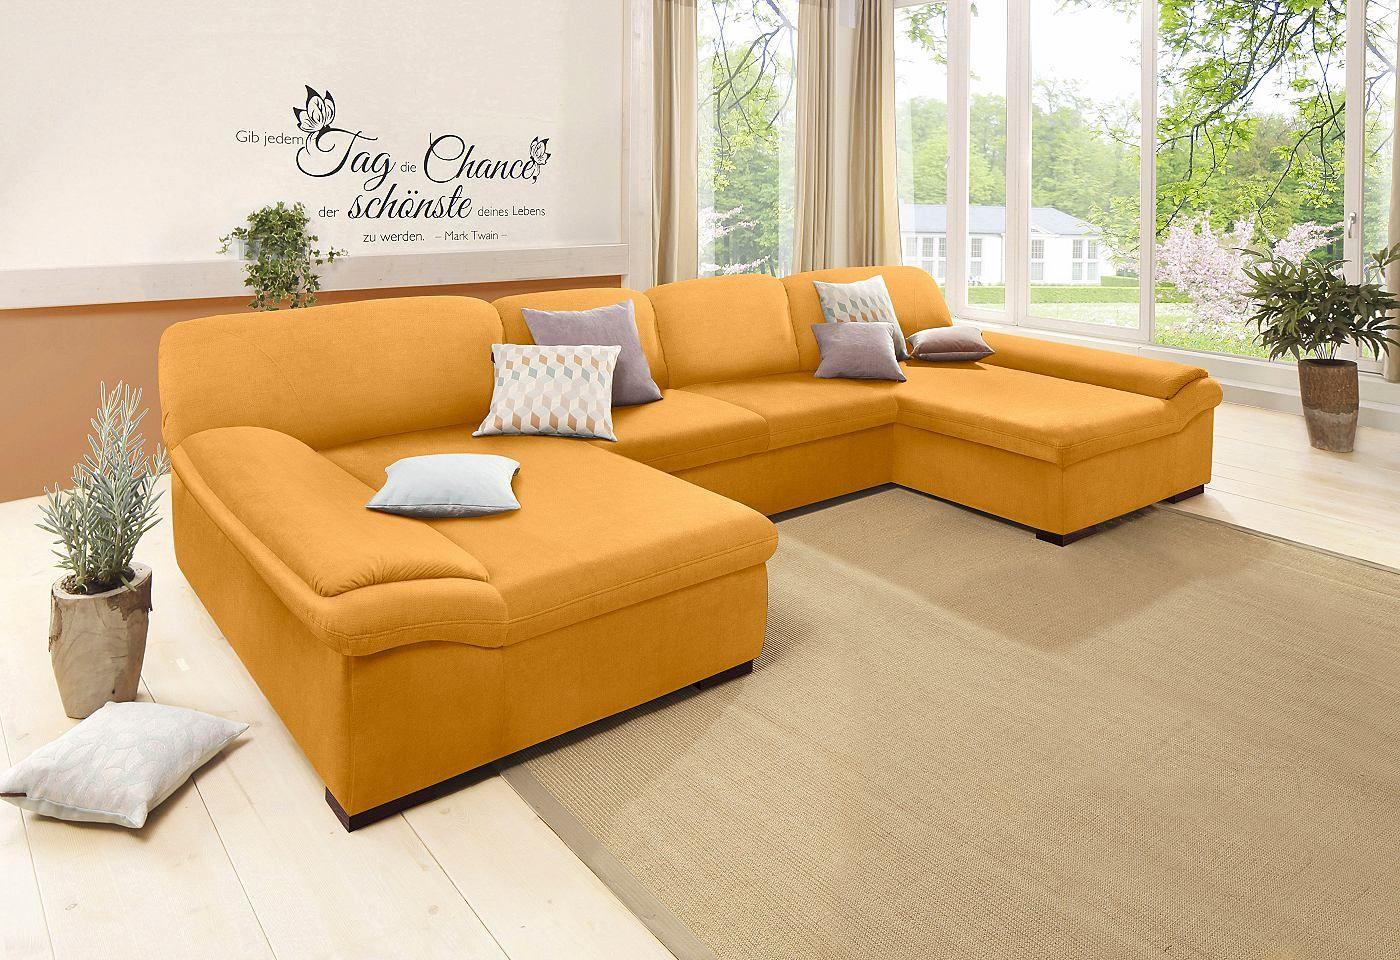 Wohnzimmer Karlsruhe ~ Himolla sofas traditionelles sofa mit füße aus holz wohnzimmer